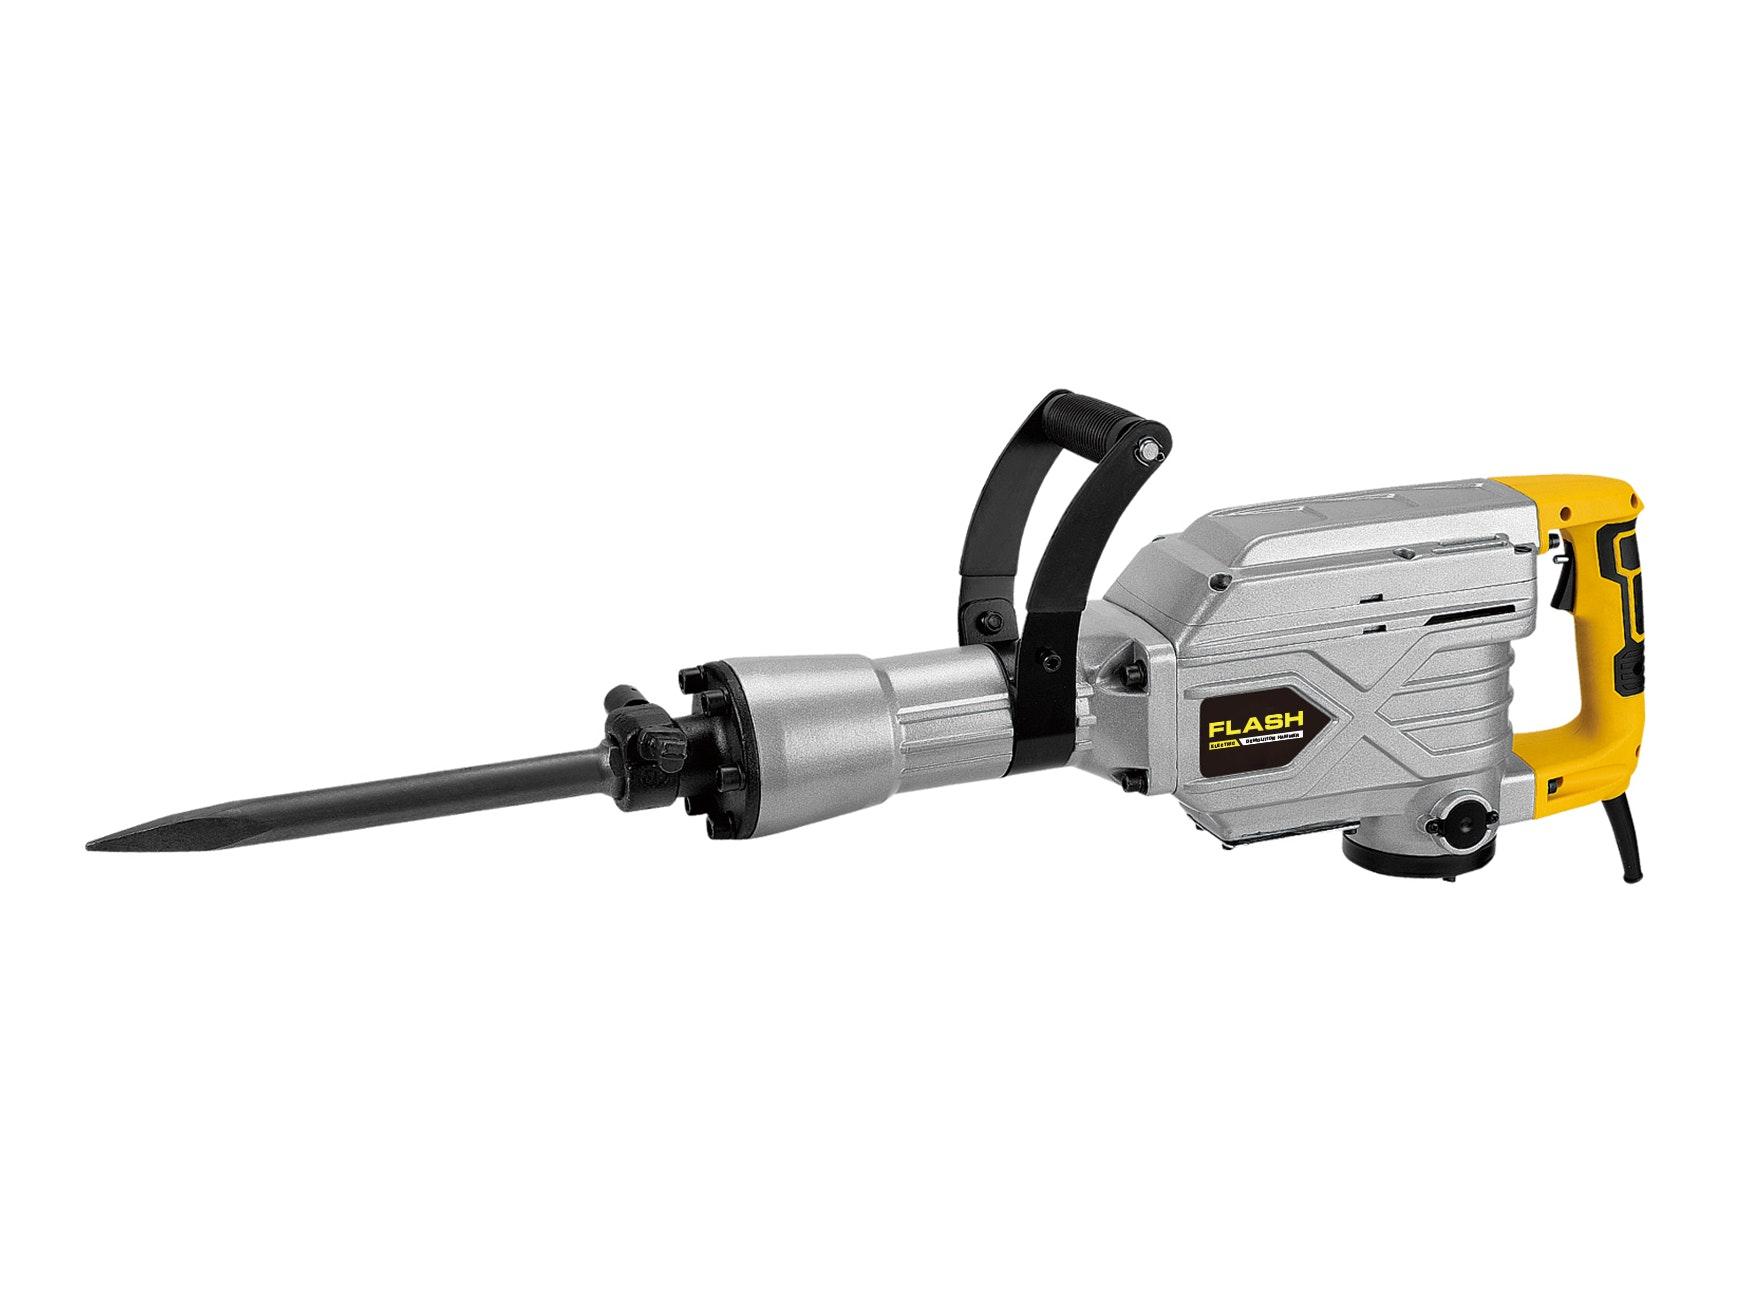 Flash HD Demolition Hammer 1700W